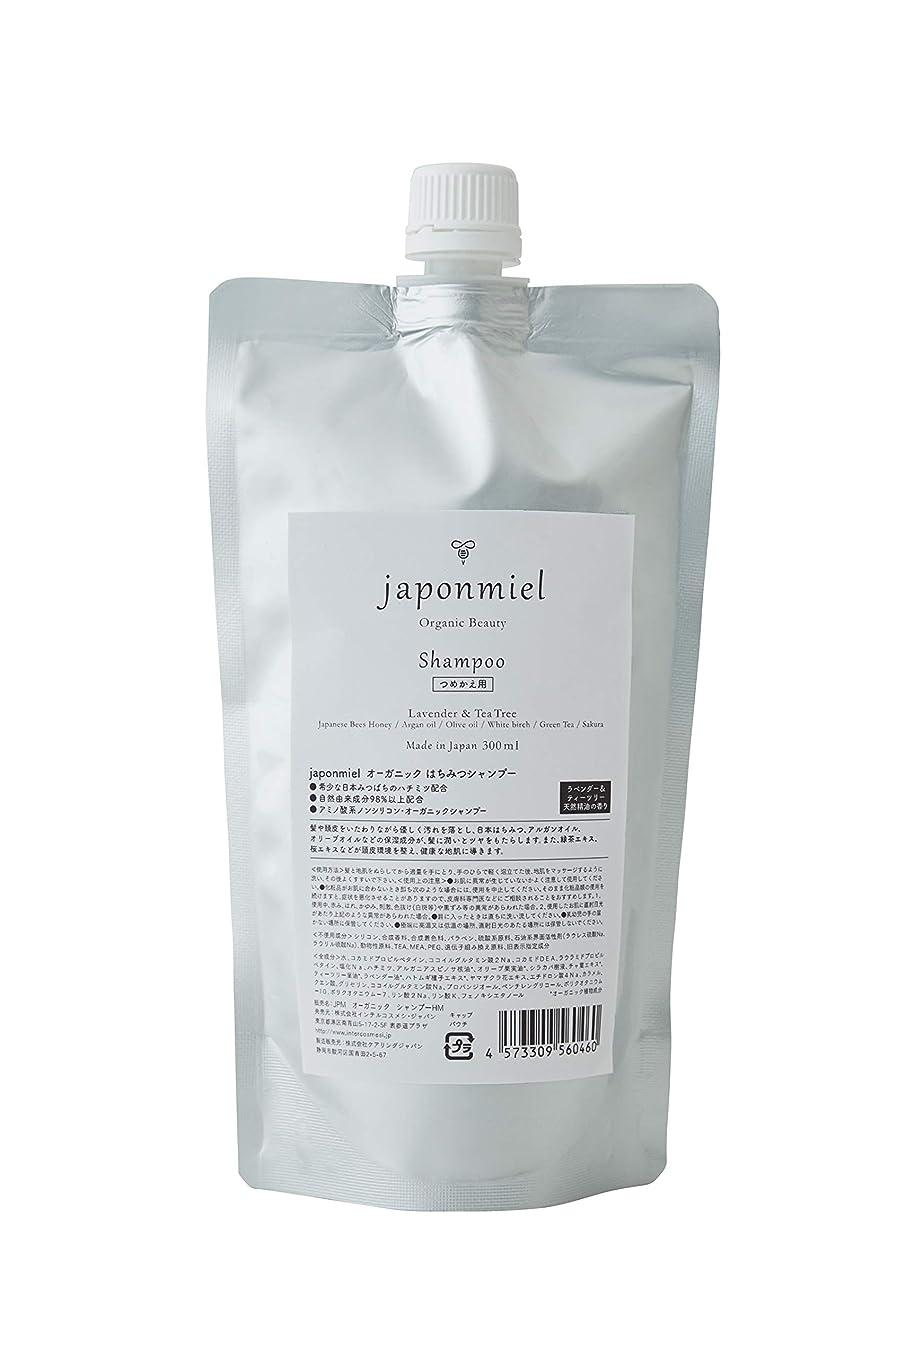 安定した根拠平野japonmielオーガニック はちみつシャンプー(詰め替えパウチ)300ml 日本はちみつ配合 アミノ酸系ノンシリコン